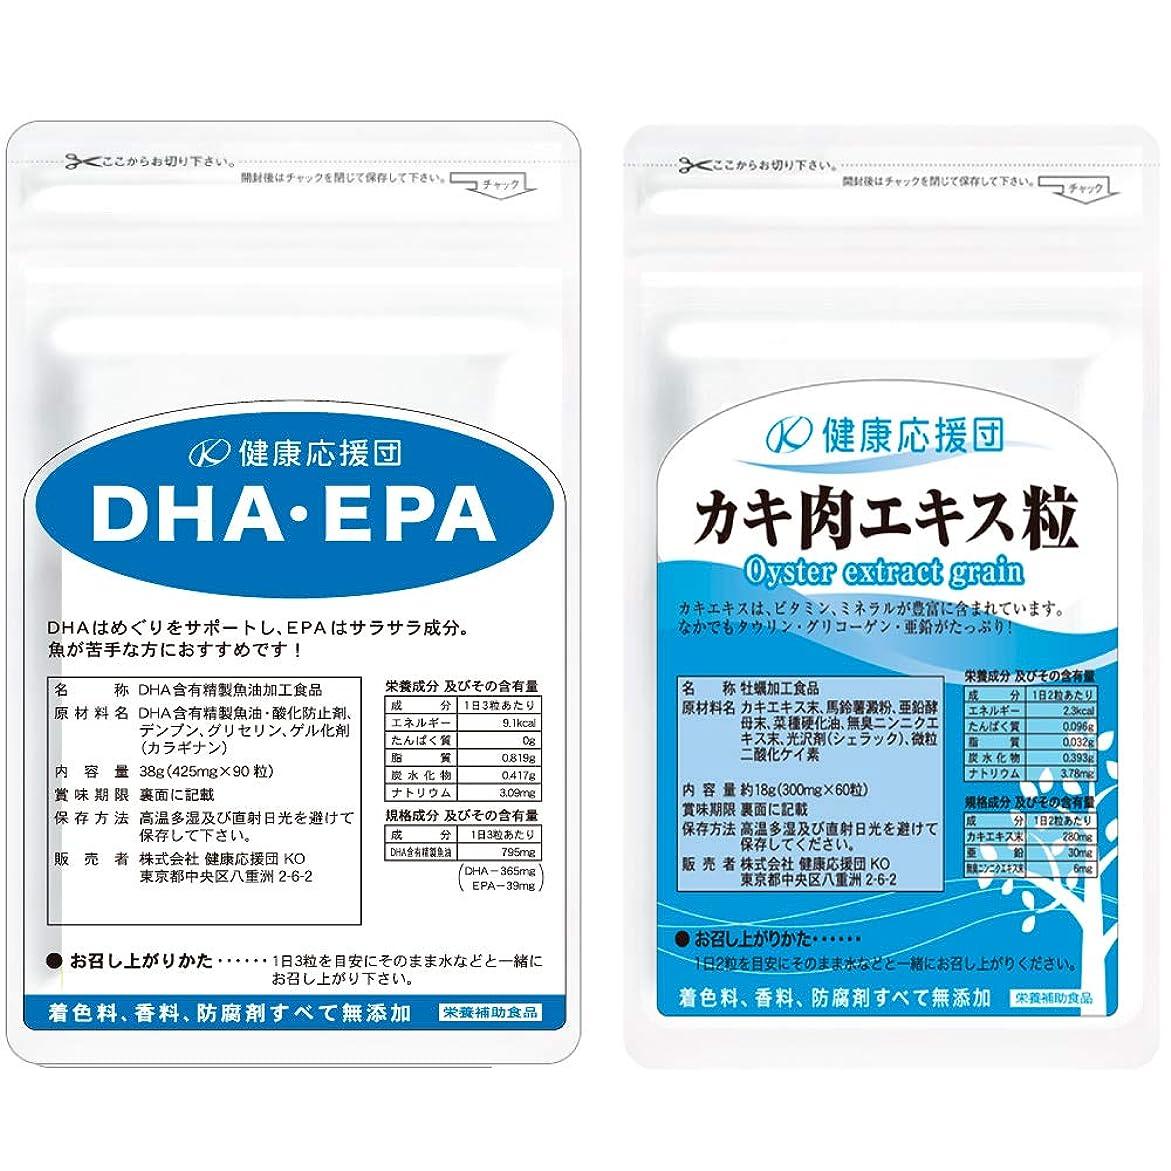 サミットイノセンス論争の的【DHA?EPA】&【濃縮牡蠣エキス粒】 肝臓の応援セット!肝臓の数値が高めの方にお勧め!